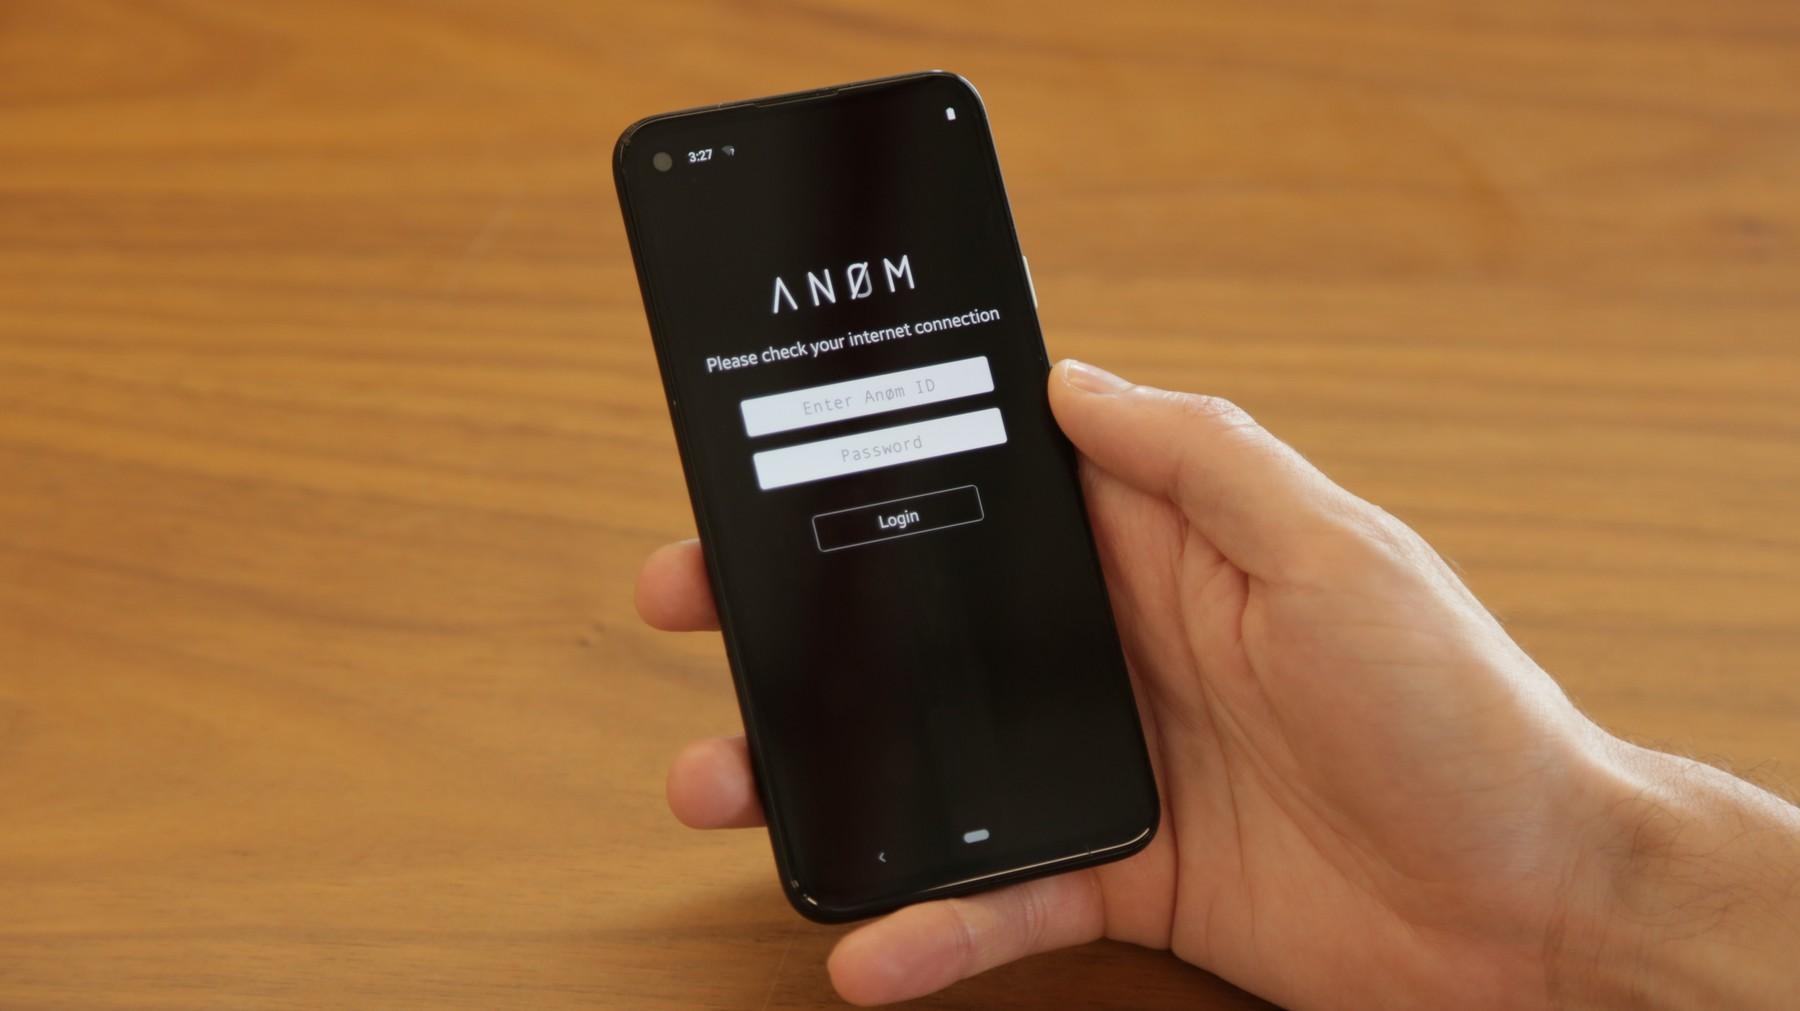 ANØM - FBI backdoored chat app